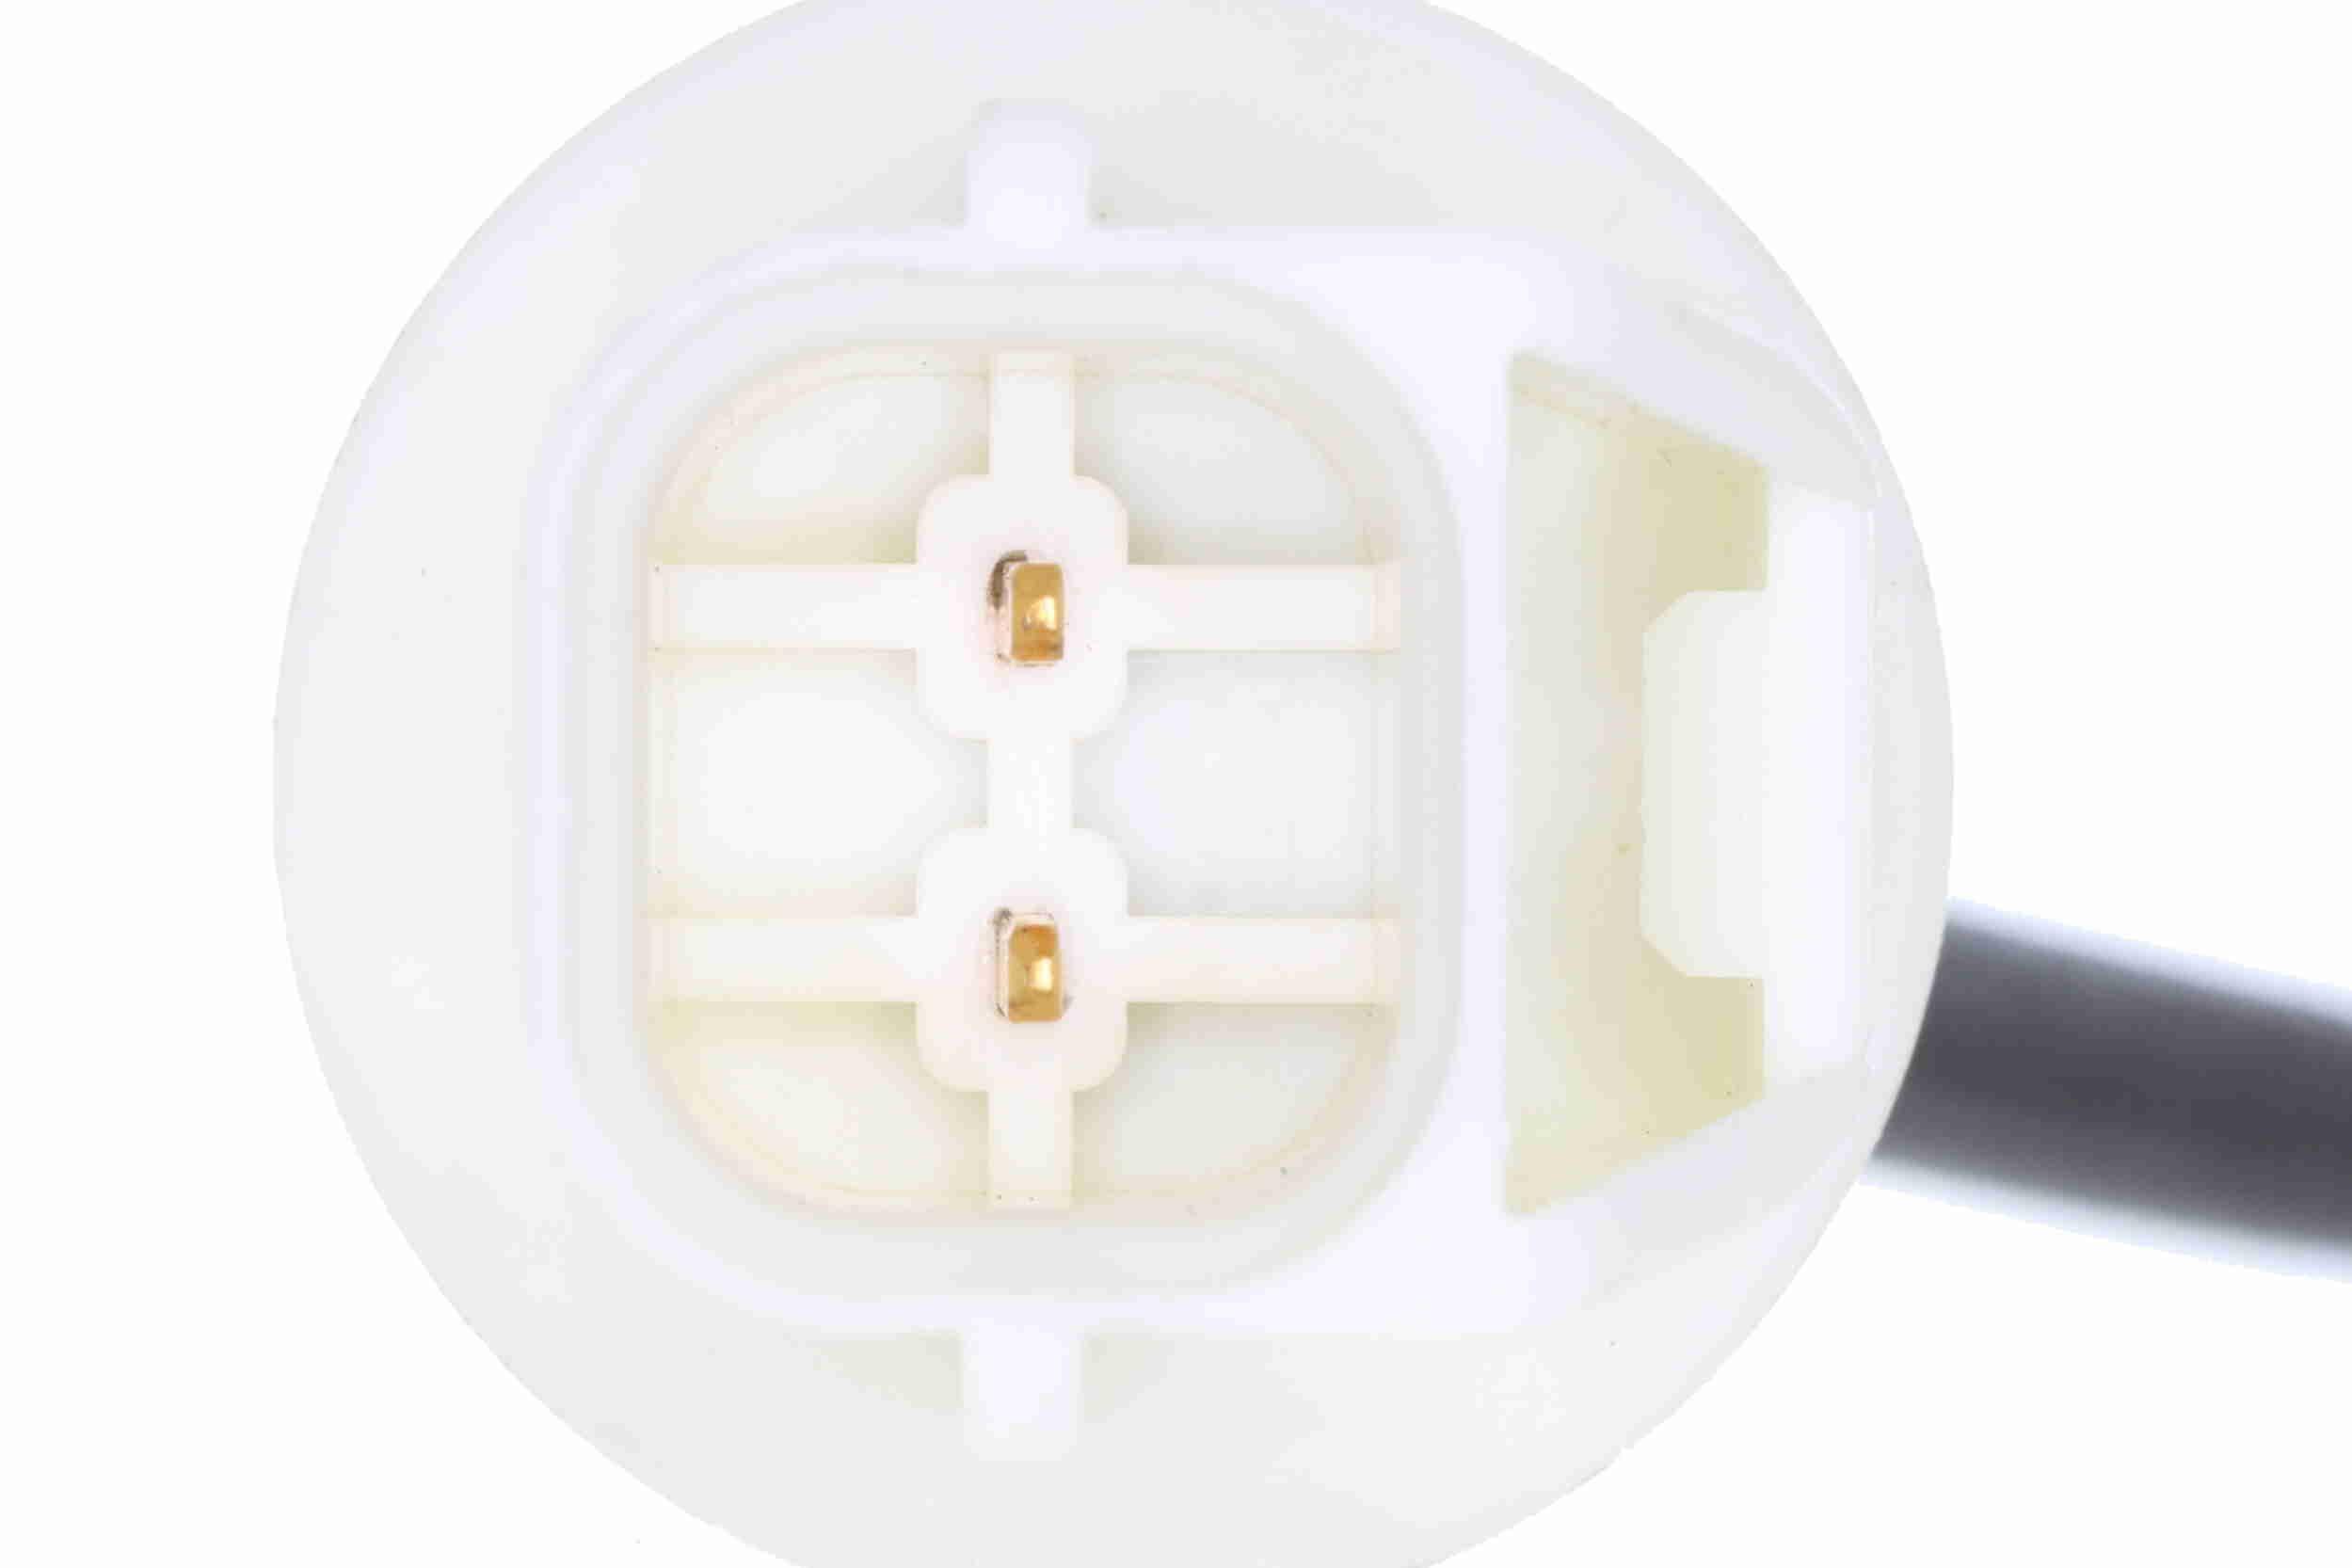 V52-72-1571 Öltemperaturgeber VEMO - Markenprodukte billig